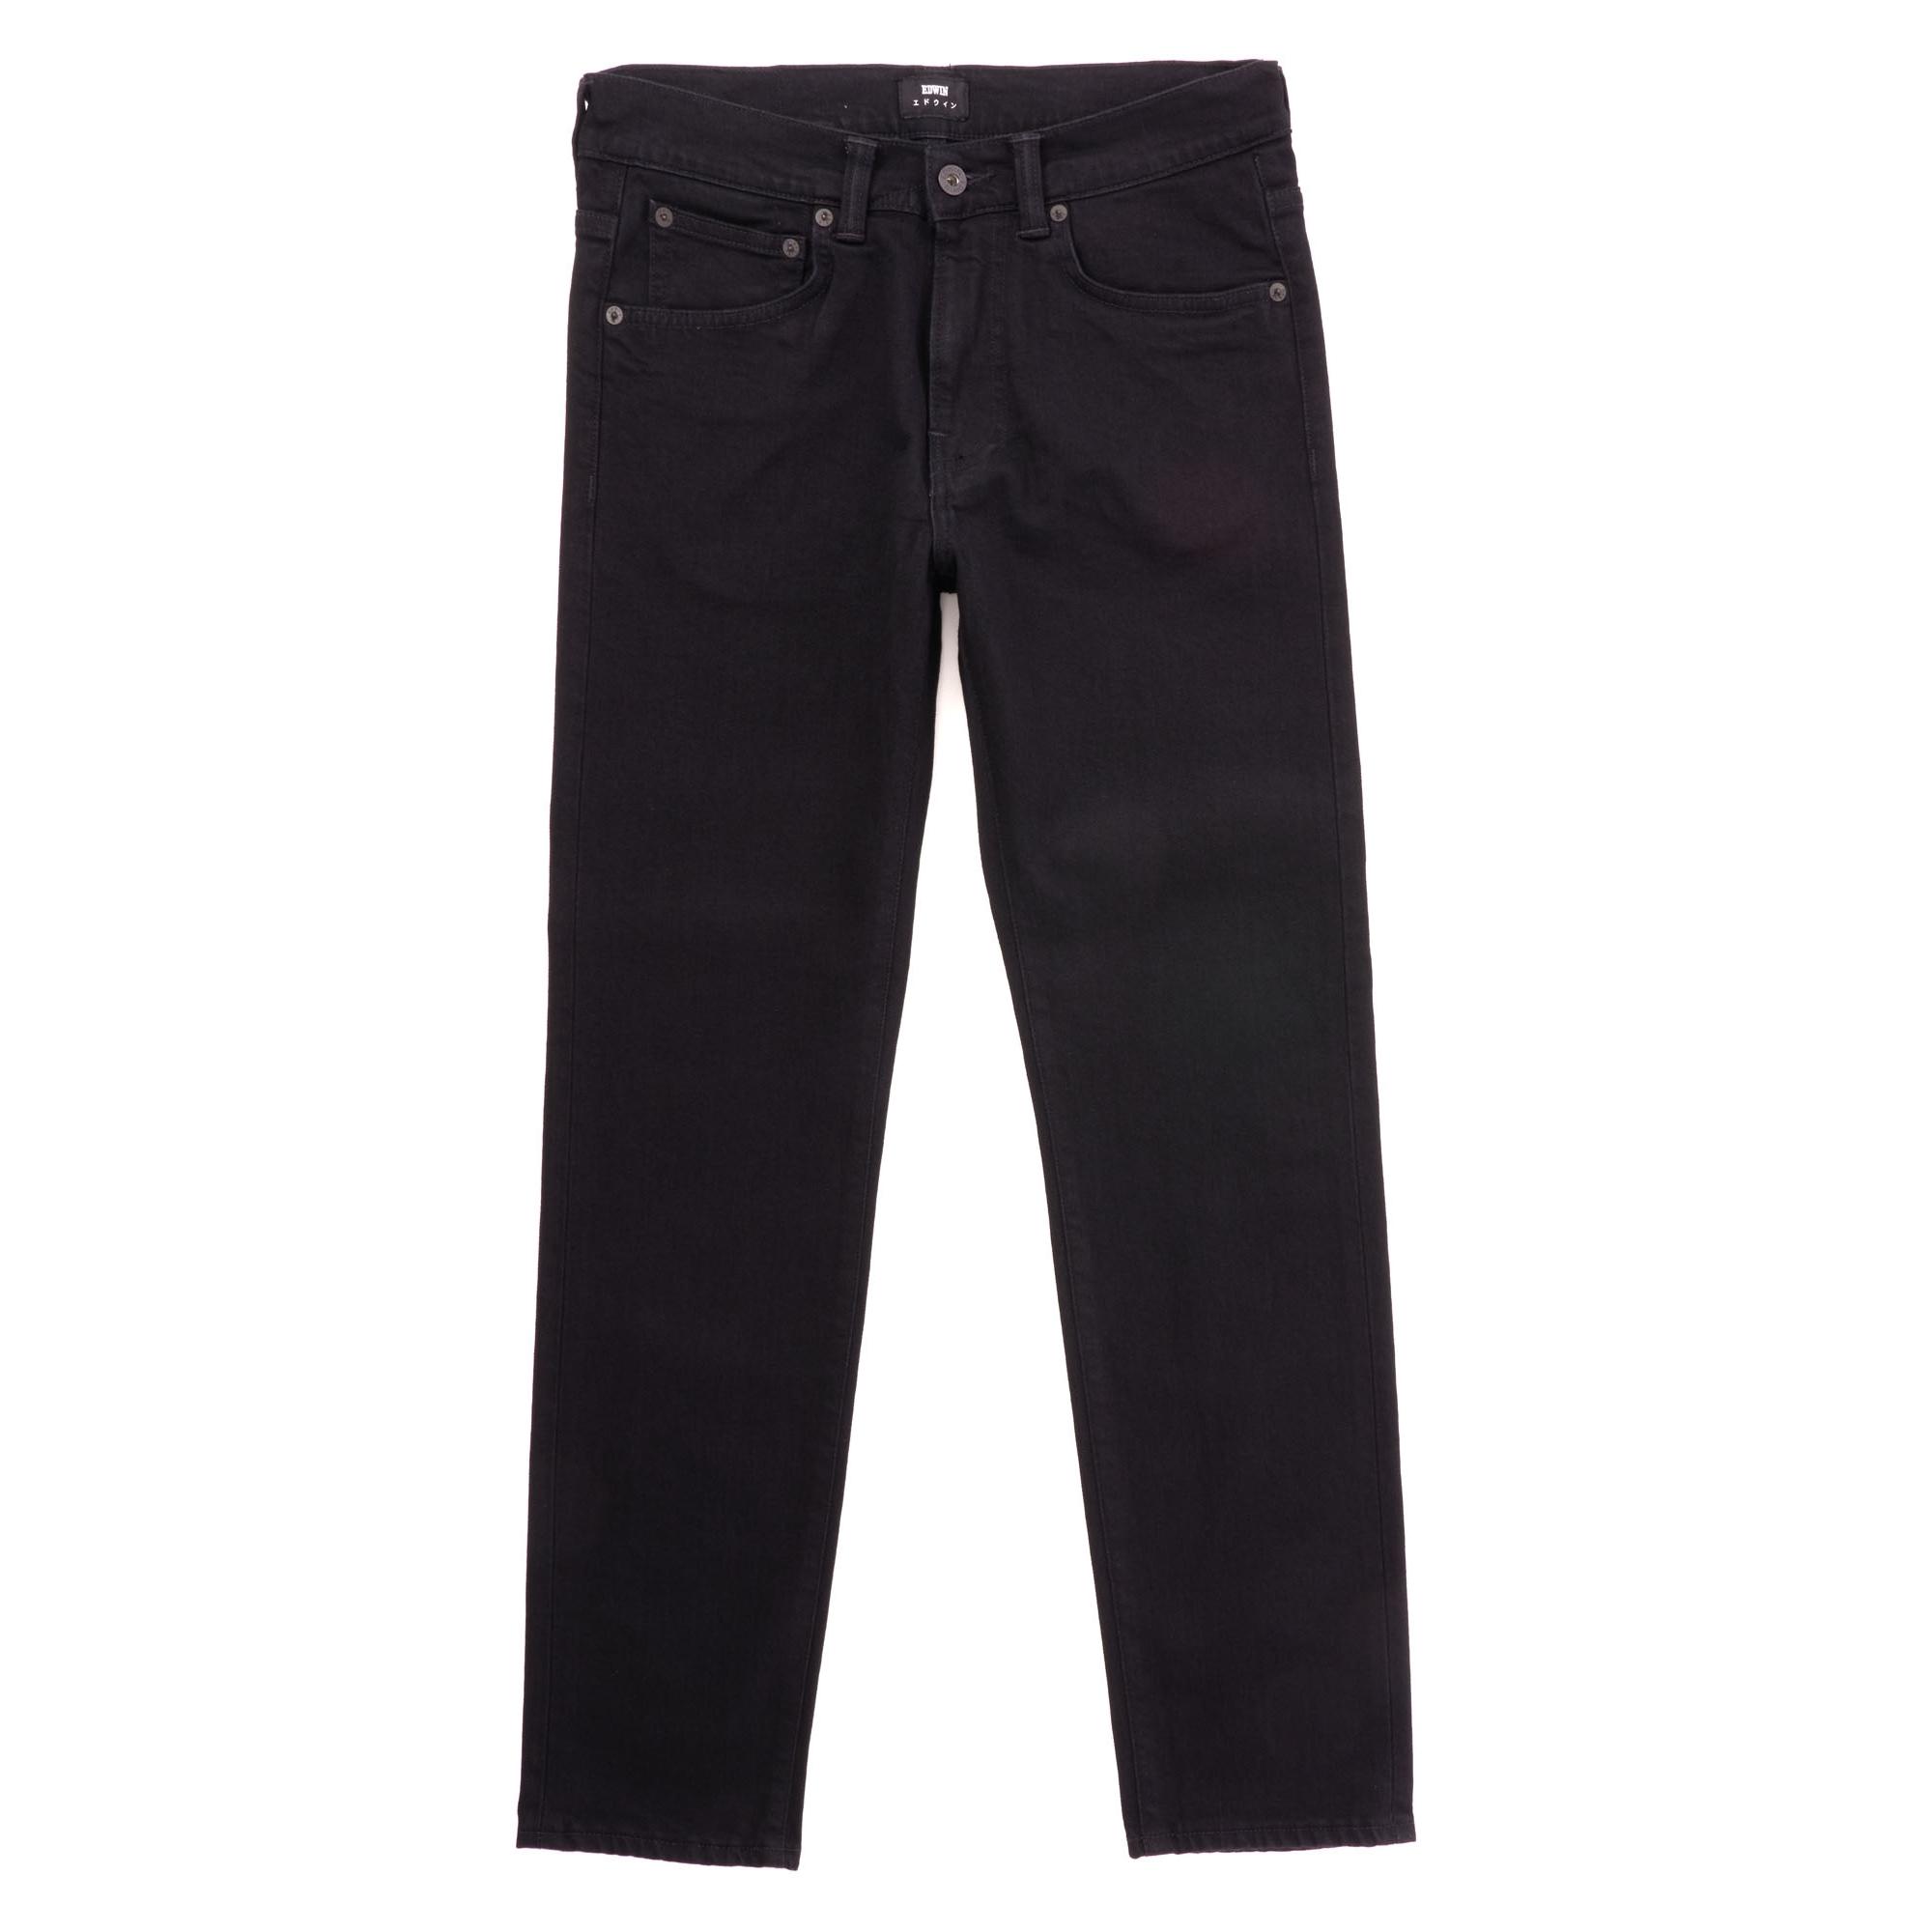 60e43830 edwin-ed-80-slim-tapered-jeans-cs-power-black-denim-p36026-297105_image.jpg